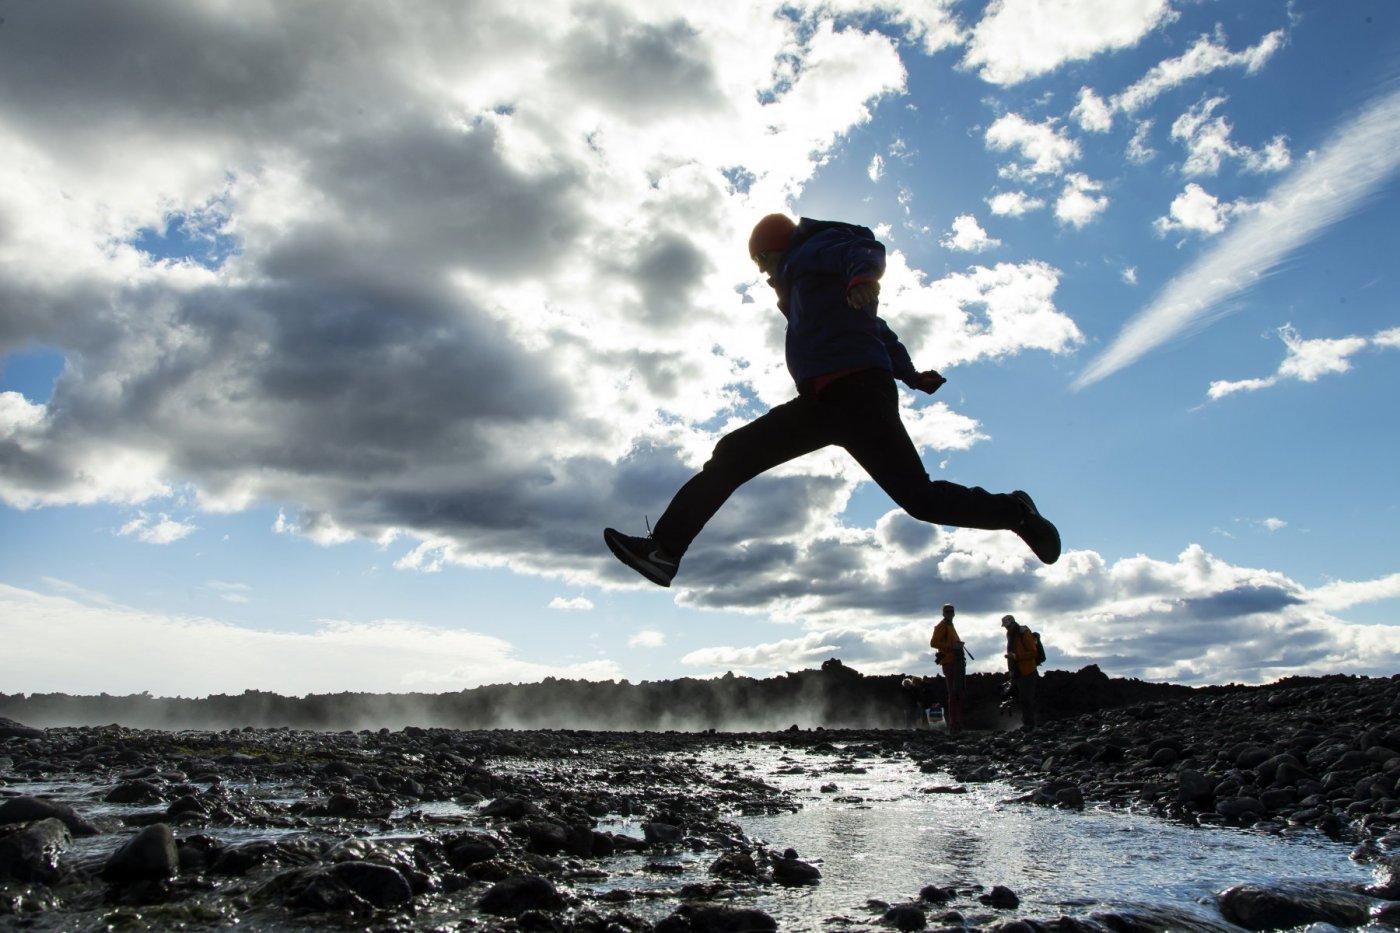 Fjölbreyttar rannsóknir á sviði menntavísinda verða kynntar á málþingi meistaranema sem fram fer í Háskóla Íslands 1. október nk. frá kl. 13-17.